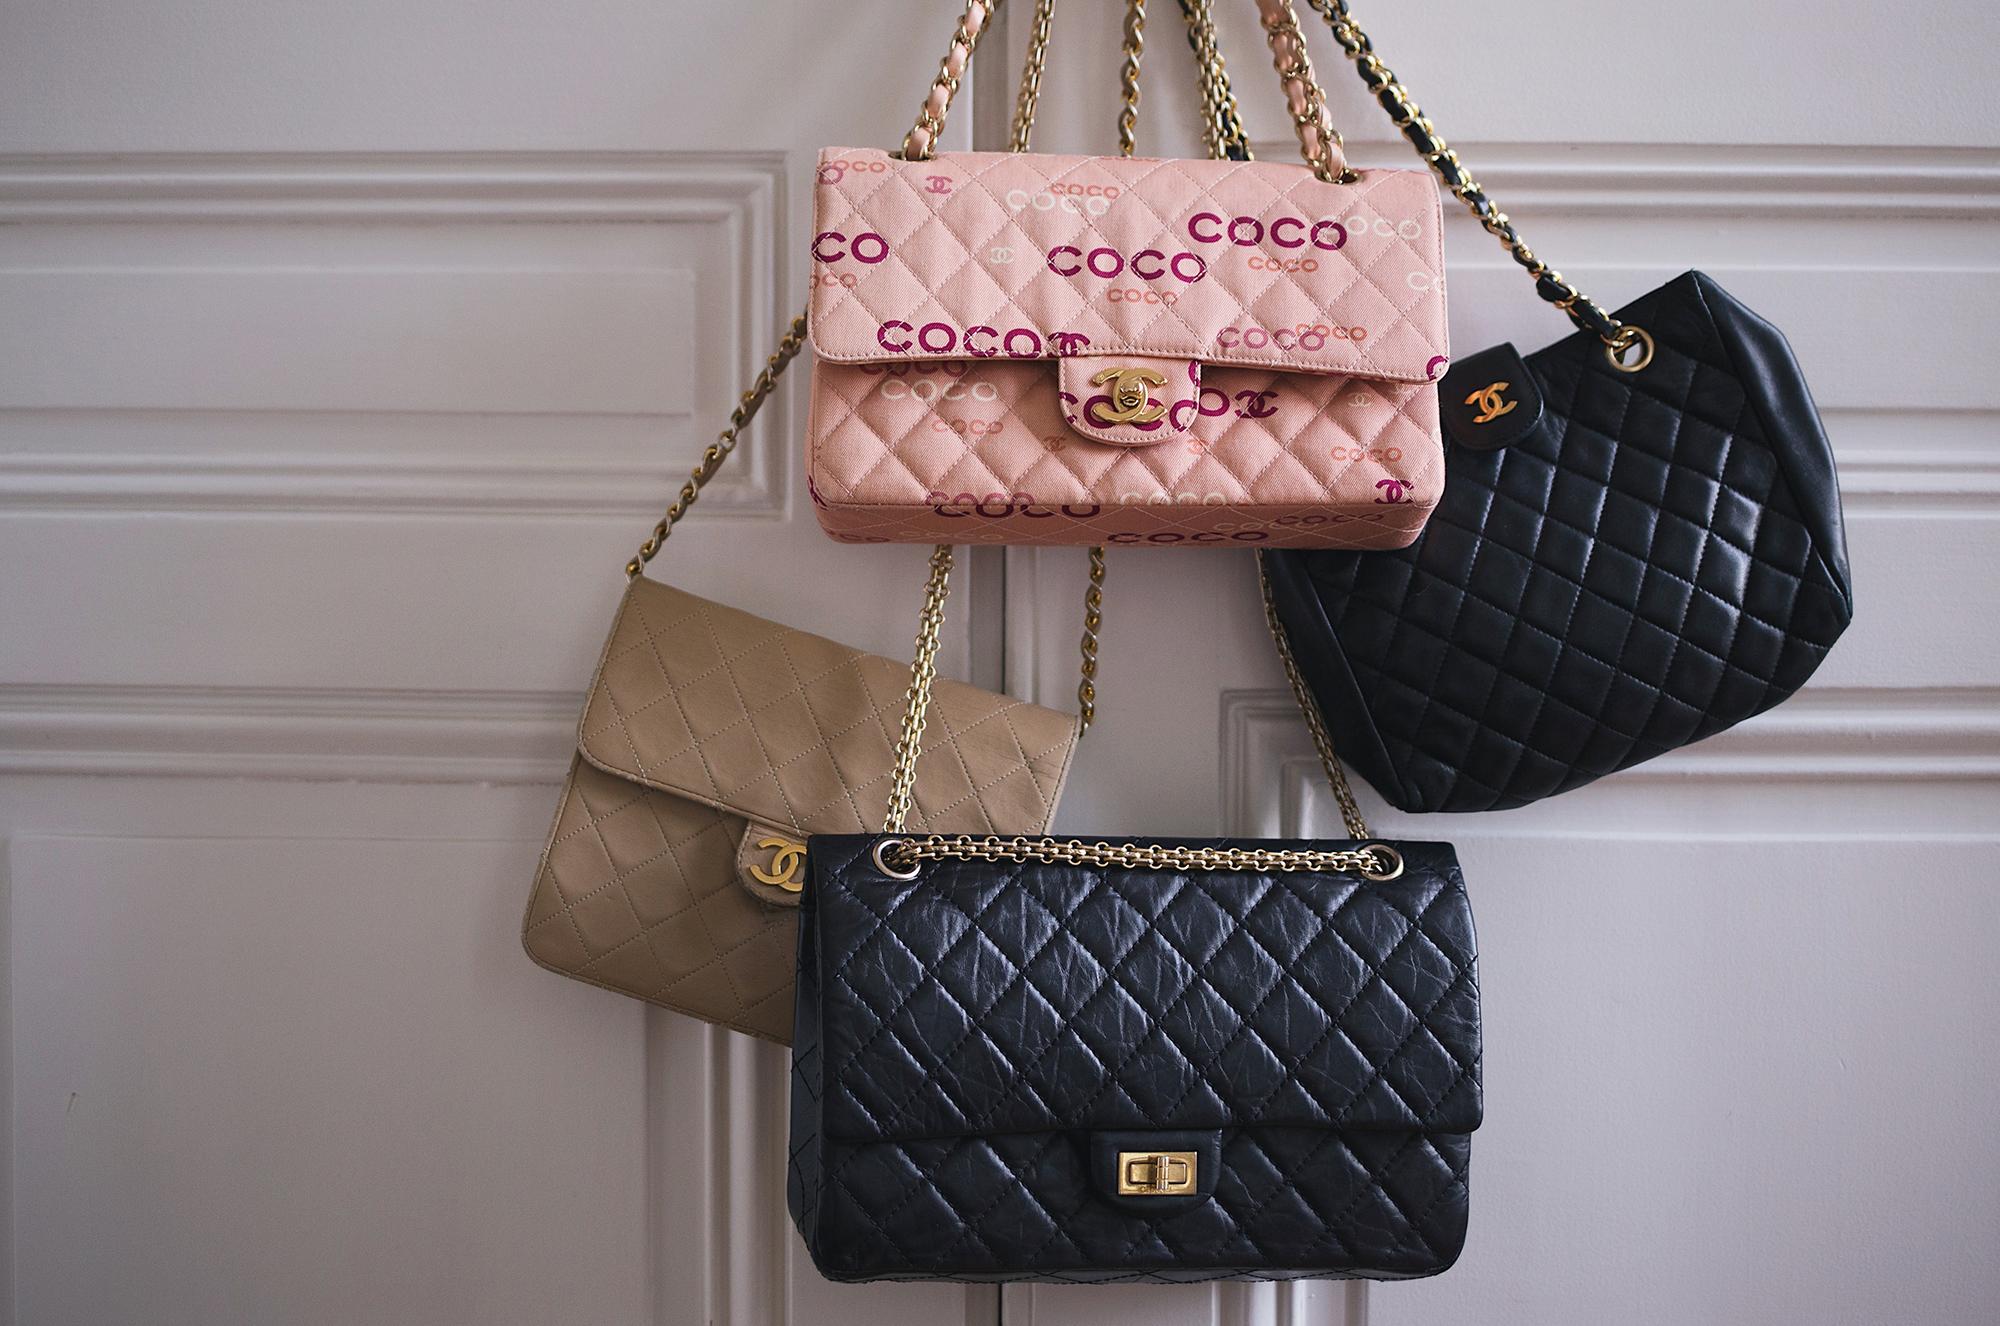 51add37e843 Investir dans un sac de luxe - Zoé Bassetto - blog mode - beauté ...